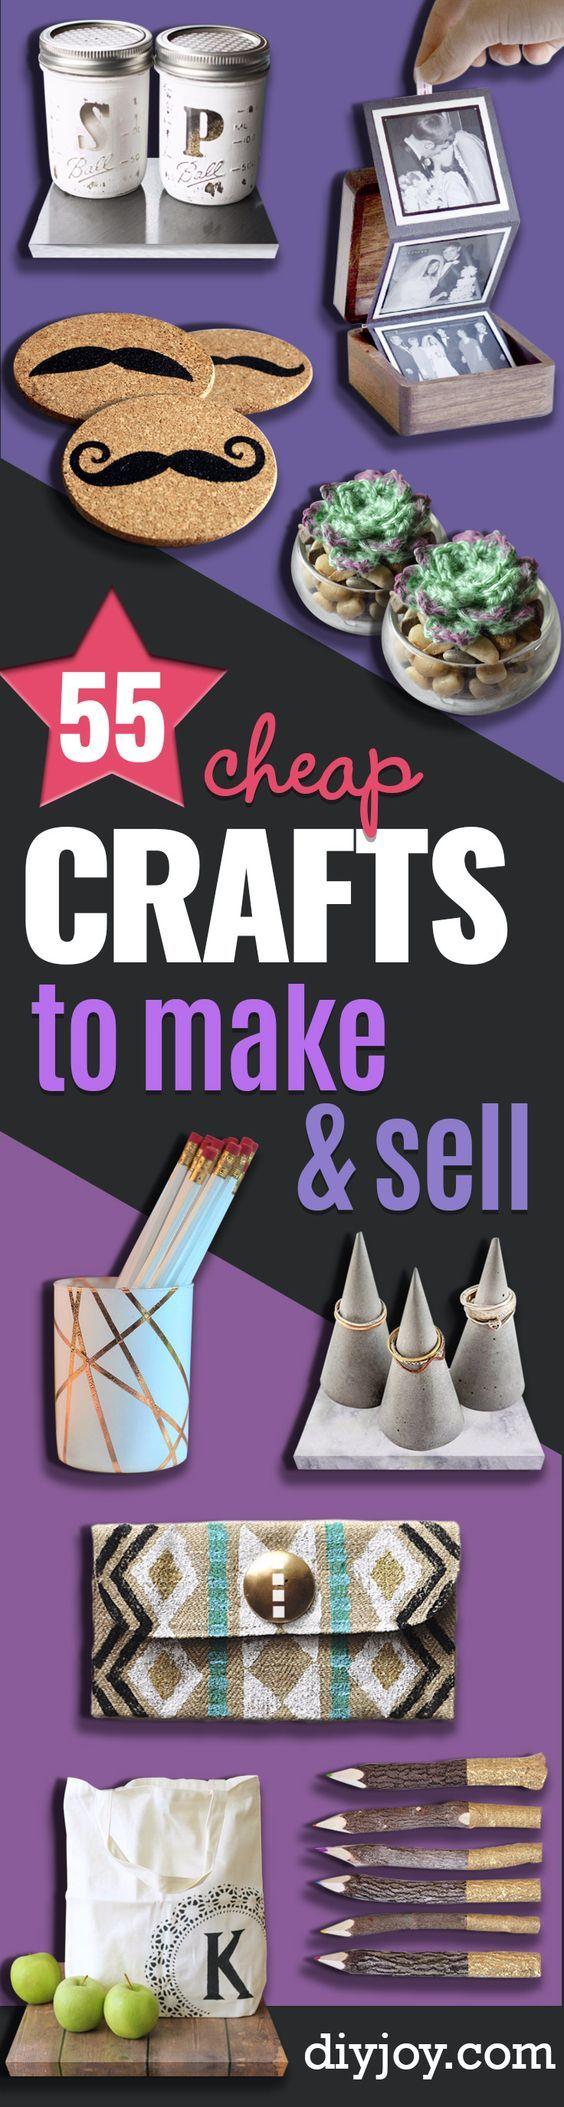 Manualidades económicas para fabricar y vender - Ideas baratas para Proyectos del arte de DIY Usted puede hacer y vender en Etsy, en ferias de artesanía, en línea y en las tiendas.  Las ideas de bricolaje rápido y barato que los adultos e incluso adolescentes pueden hacer en un presupuesto http://diyjoy.com/cheap-crafts-to-make-and-sell